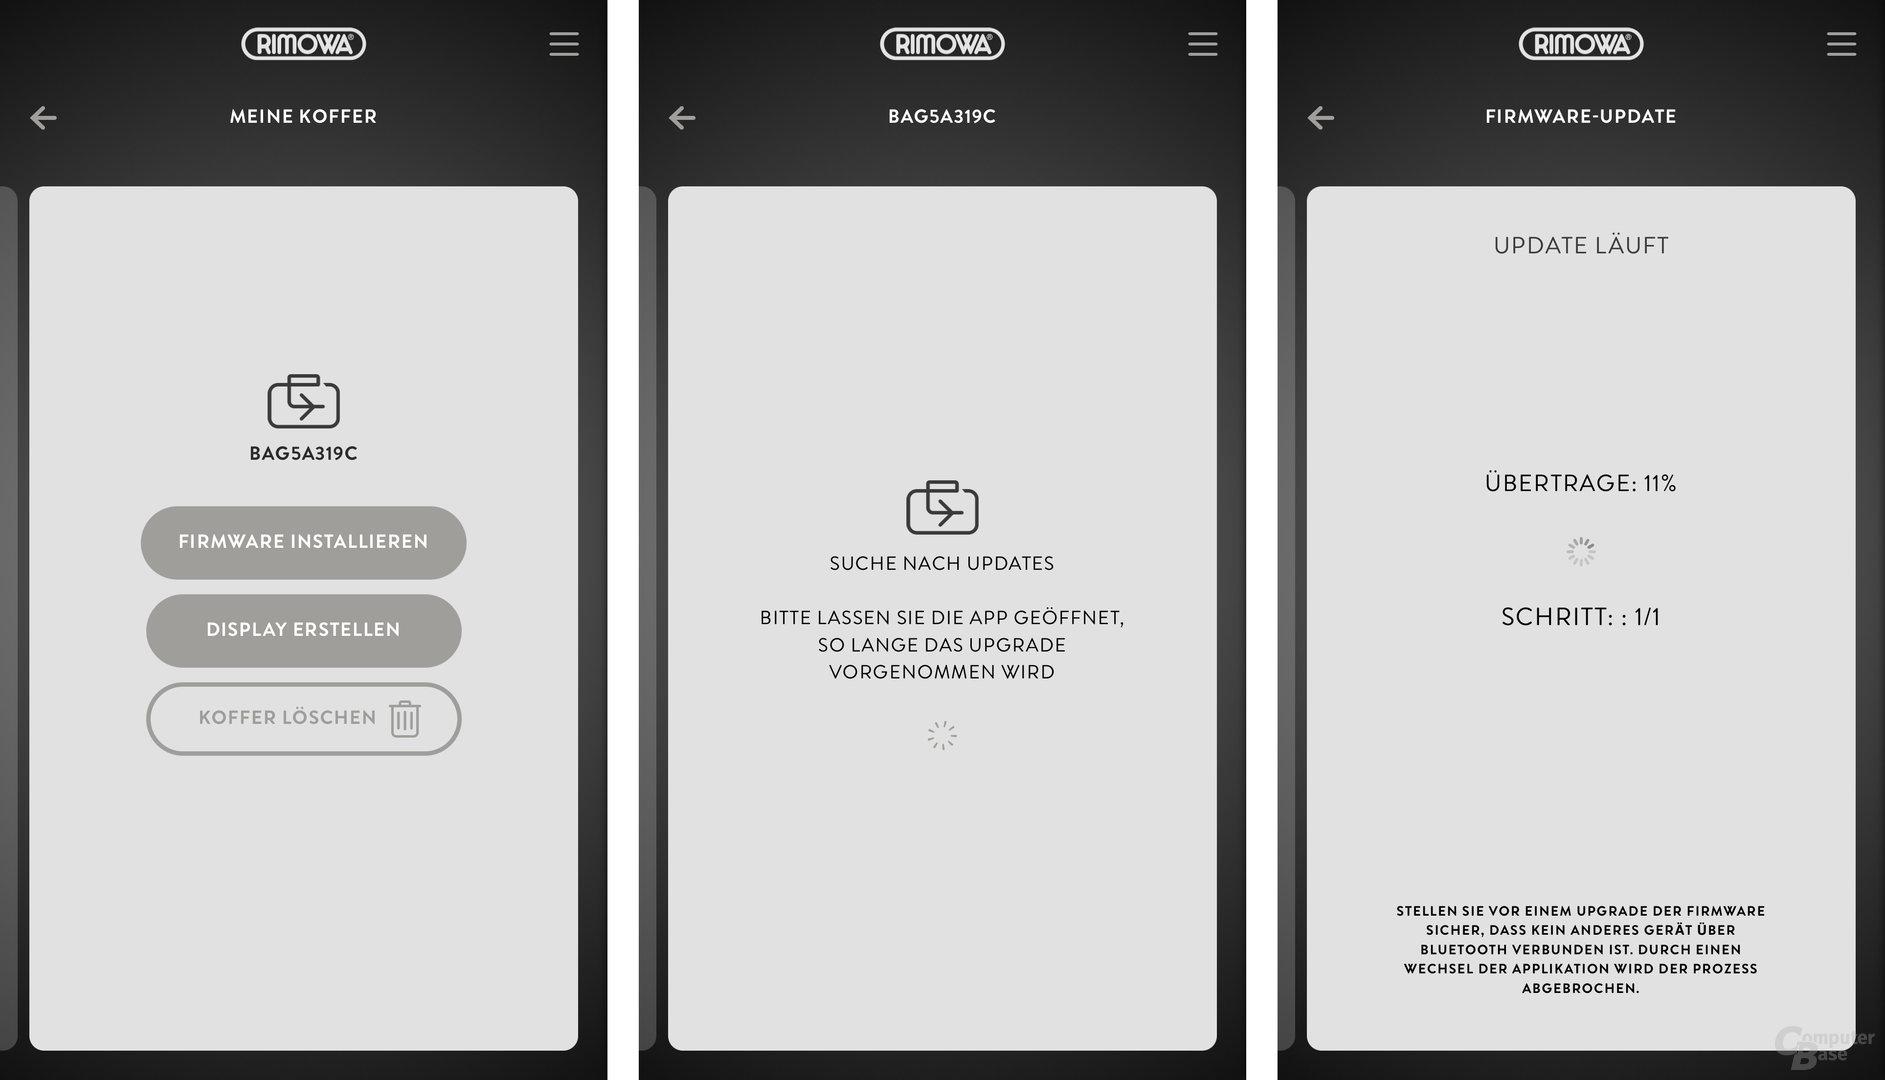 Über die Rimowa-App werden auch Firmware-Updates gesteuert